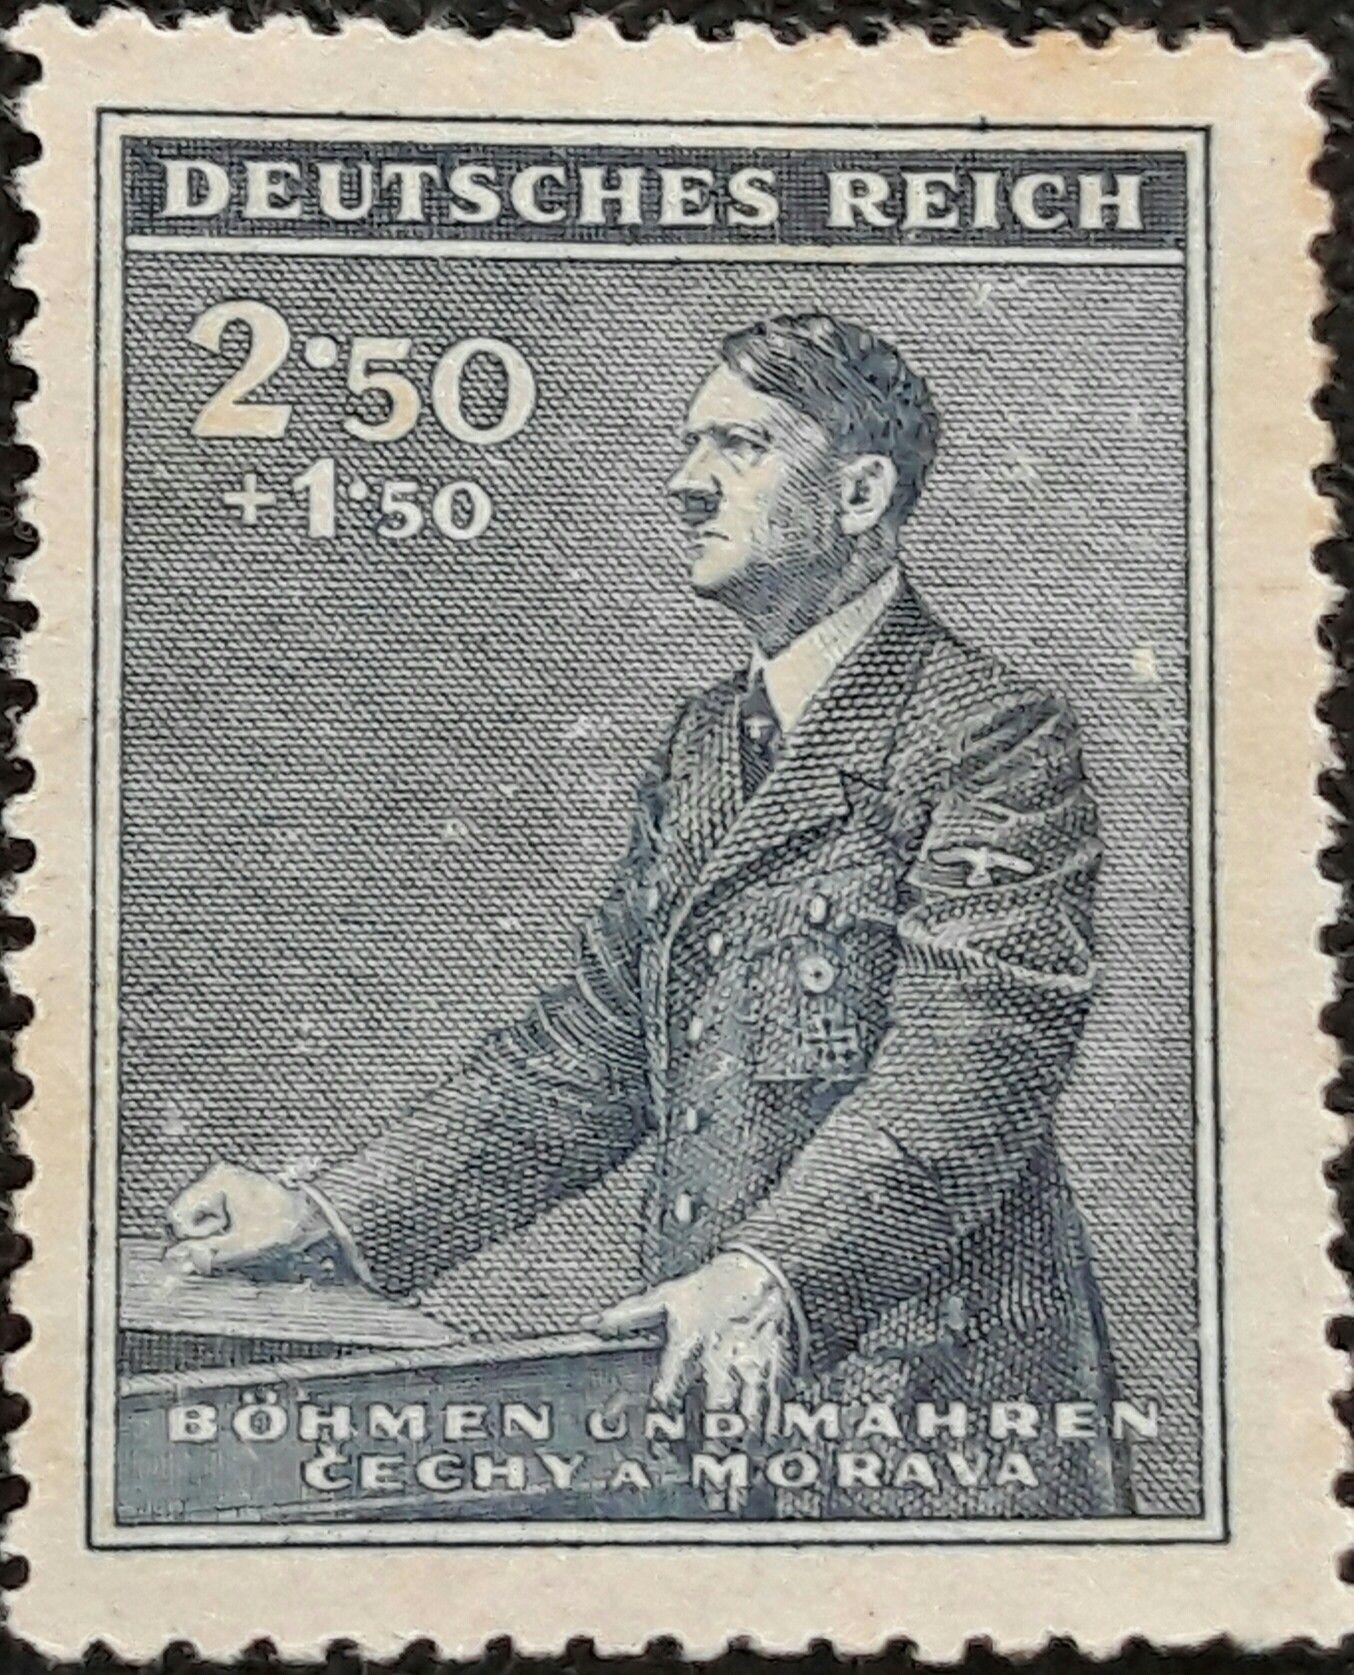 Deutsches Reich Stamp   Stamps   Pinterest   Stamps